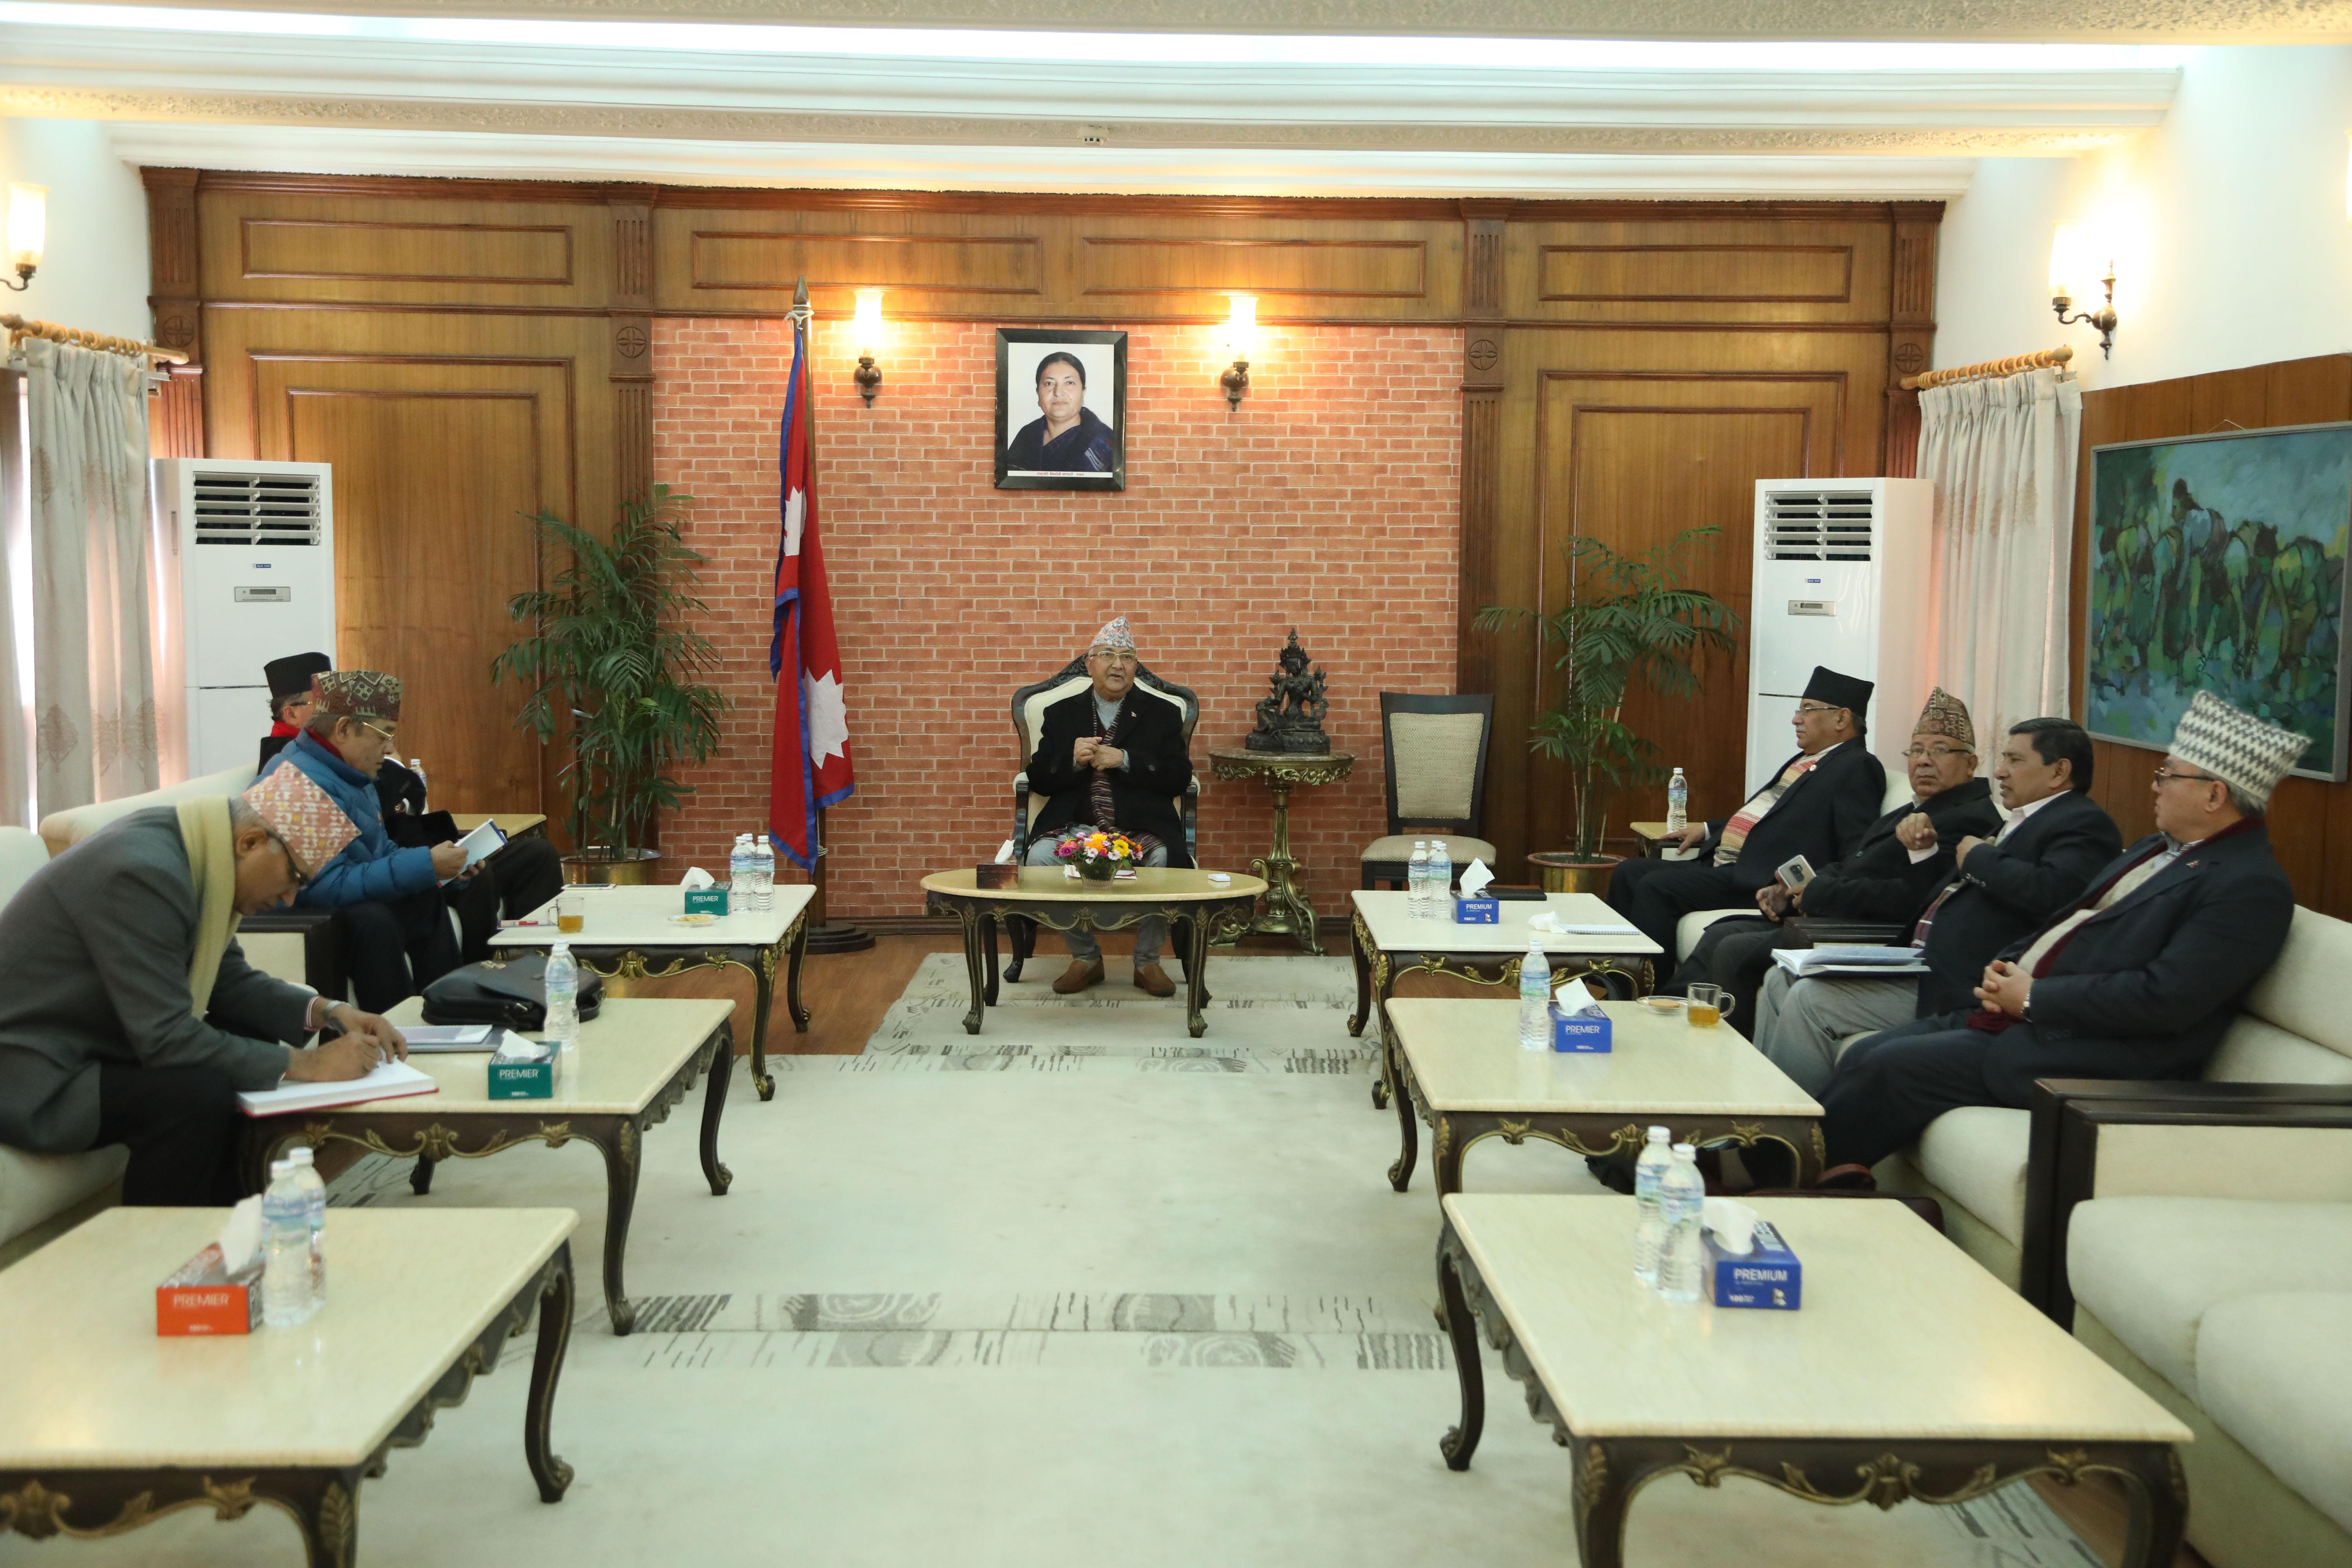 नेकपाको सचिवालय बैठक अनिश्चित : केन्द्रीय सदस्यको कार्यविभाजन र पोलिटब्युरो गठनमा अझै जुटेन सहमति